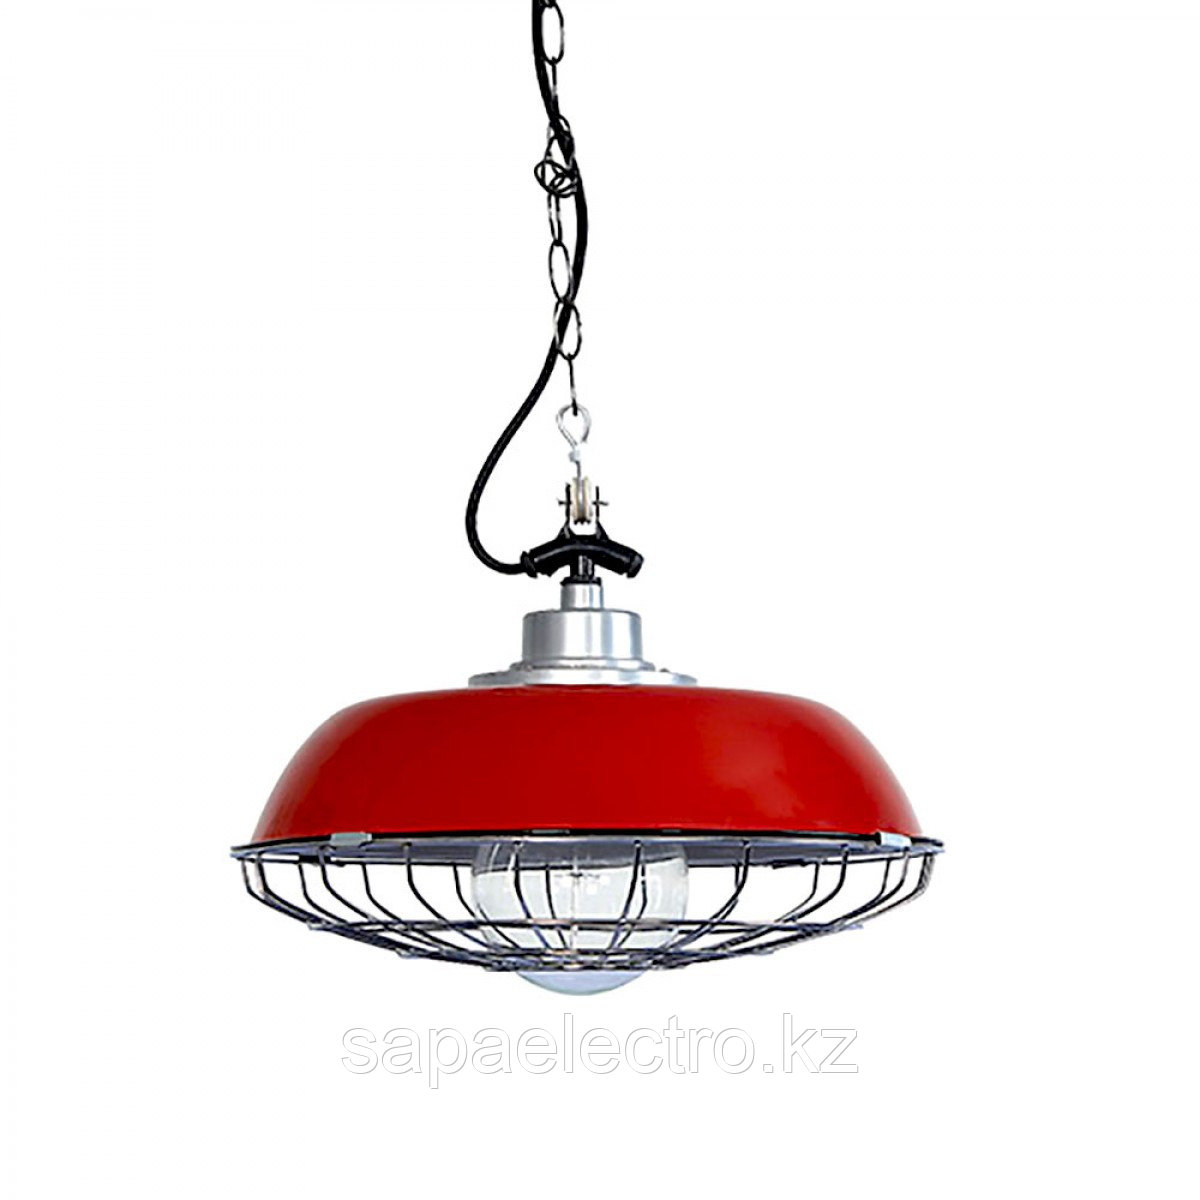 Свет-к FC-1030 E27 100W RED (TEKSAN) 6шт